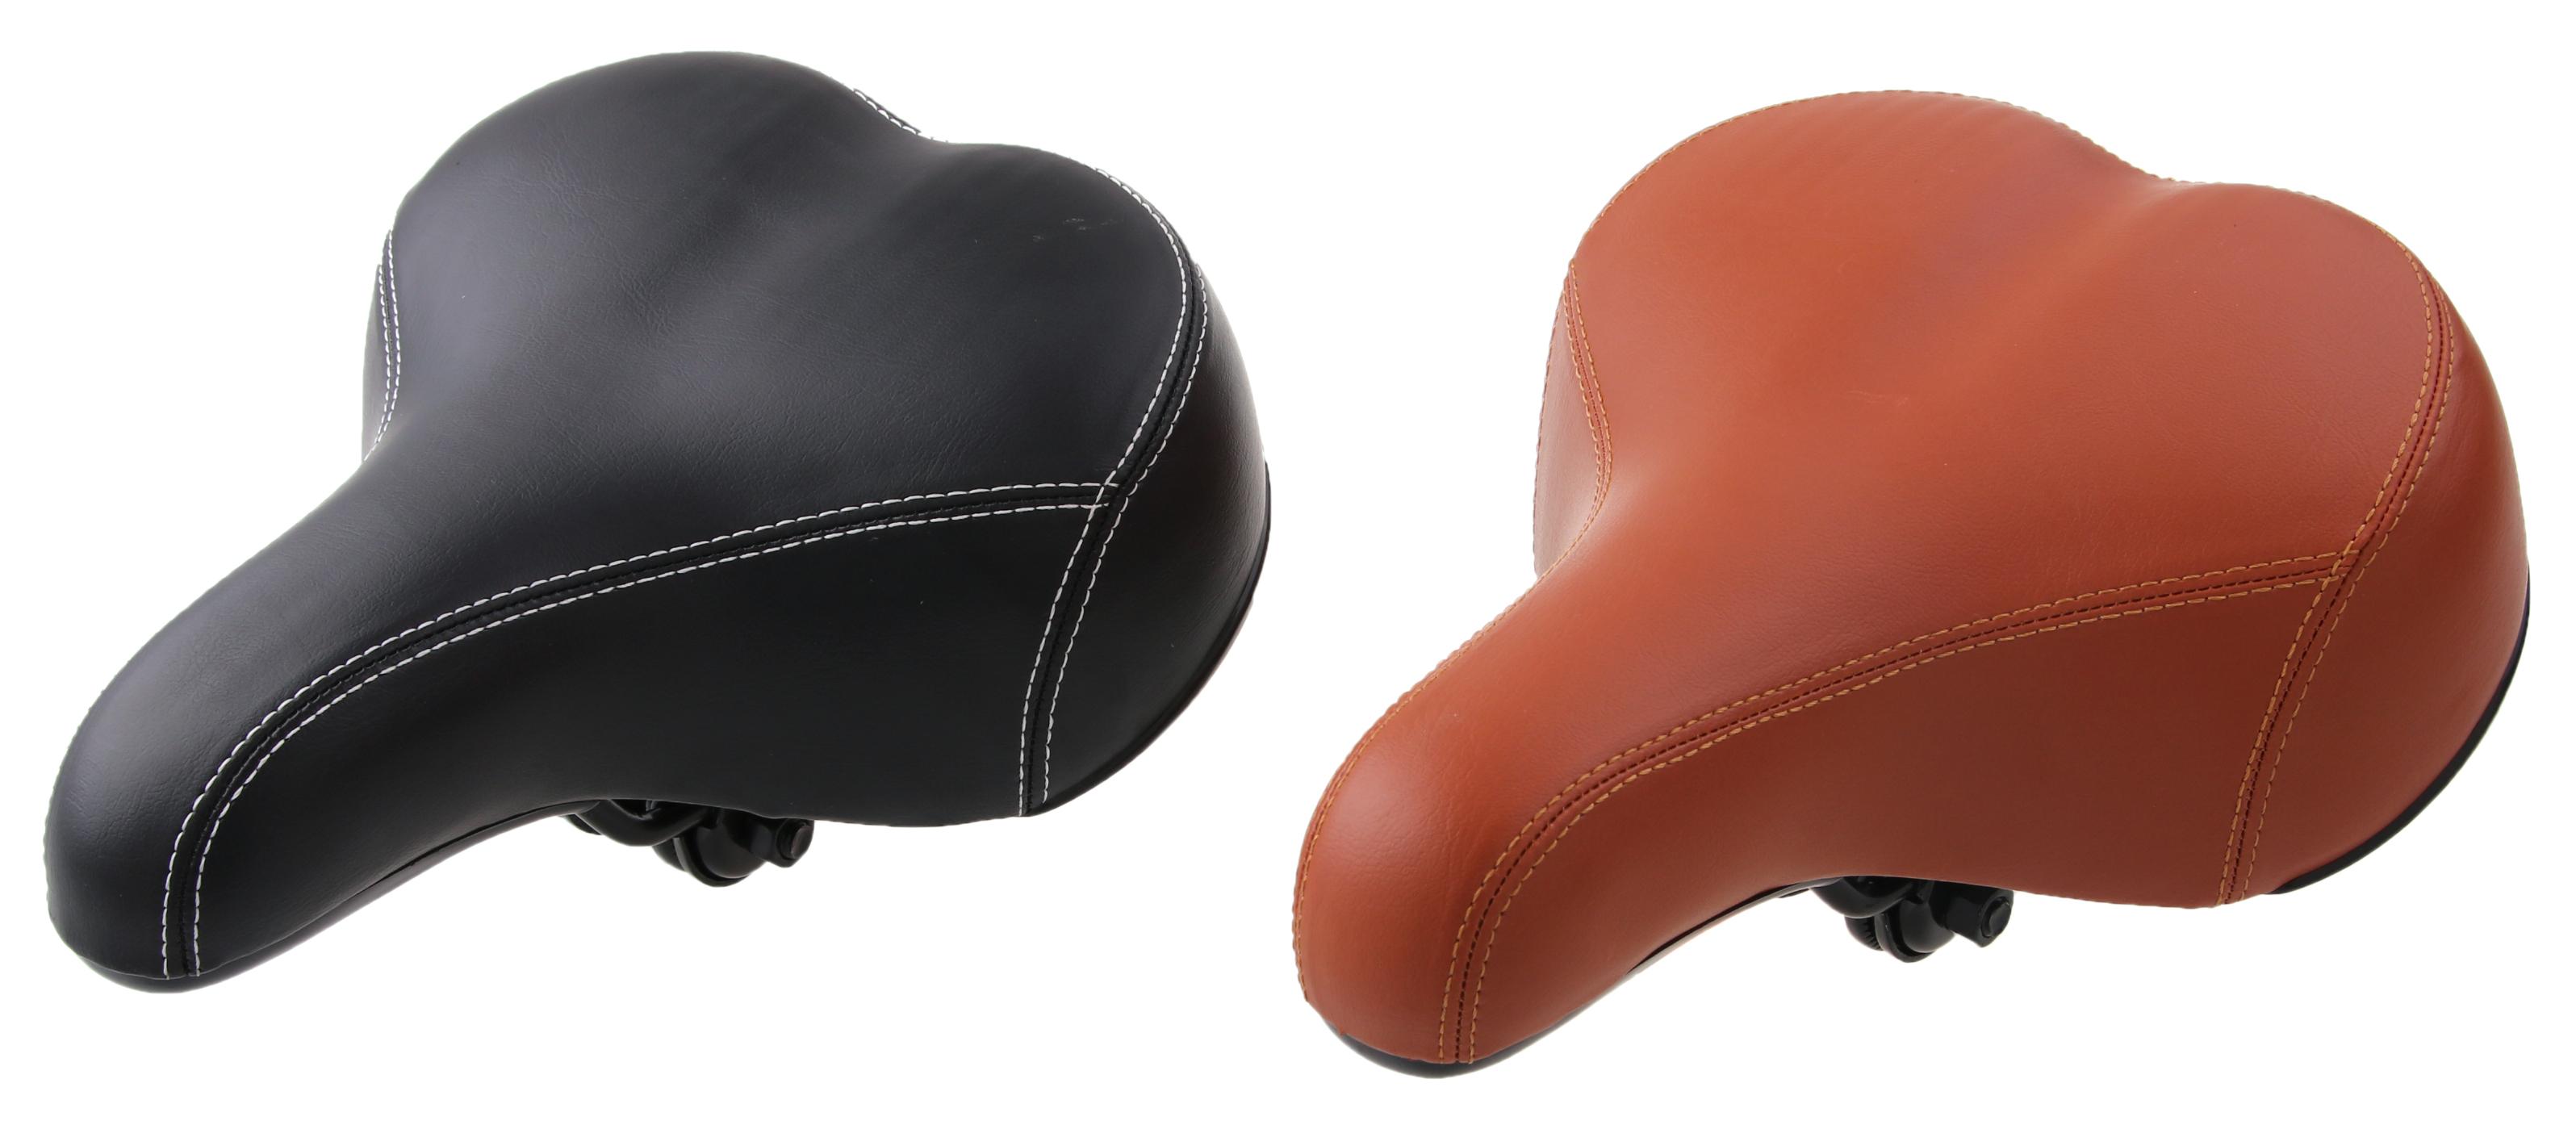 auswahl benson komfort gelsattel fahrradsattel sattel. Black Bedroom Furniture Sets. Home Design Ideas